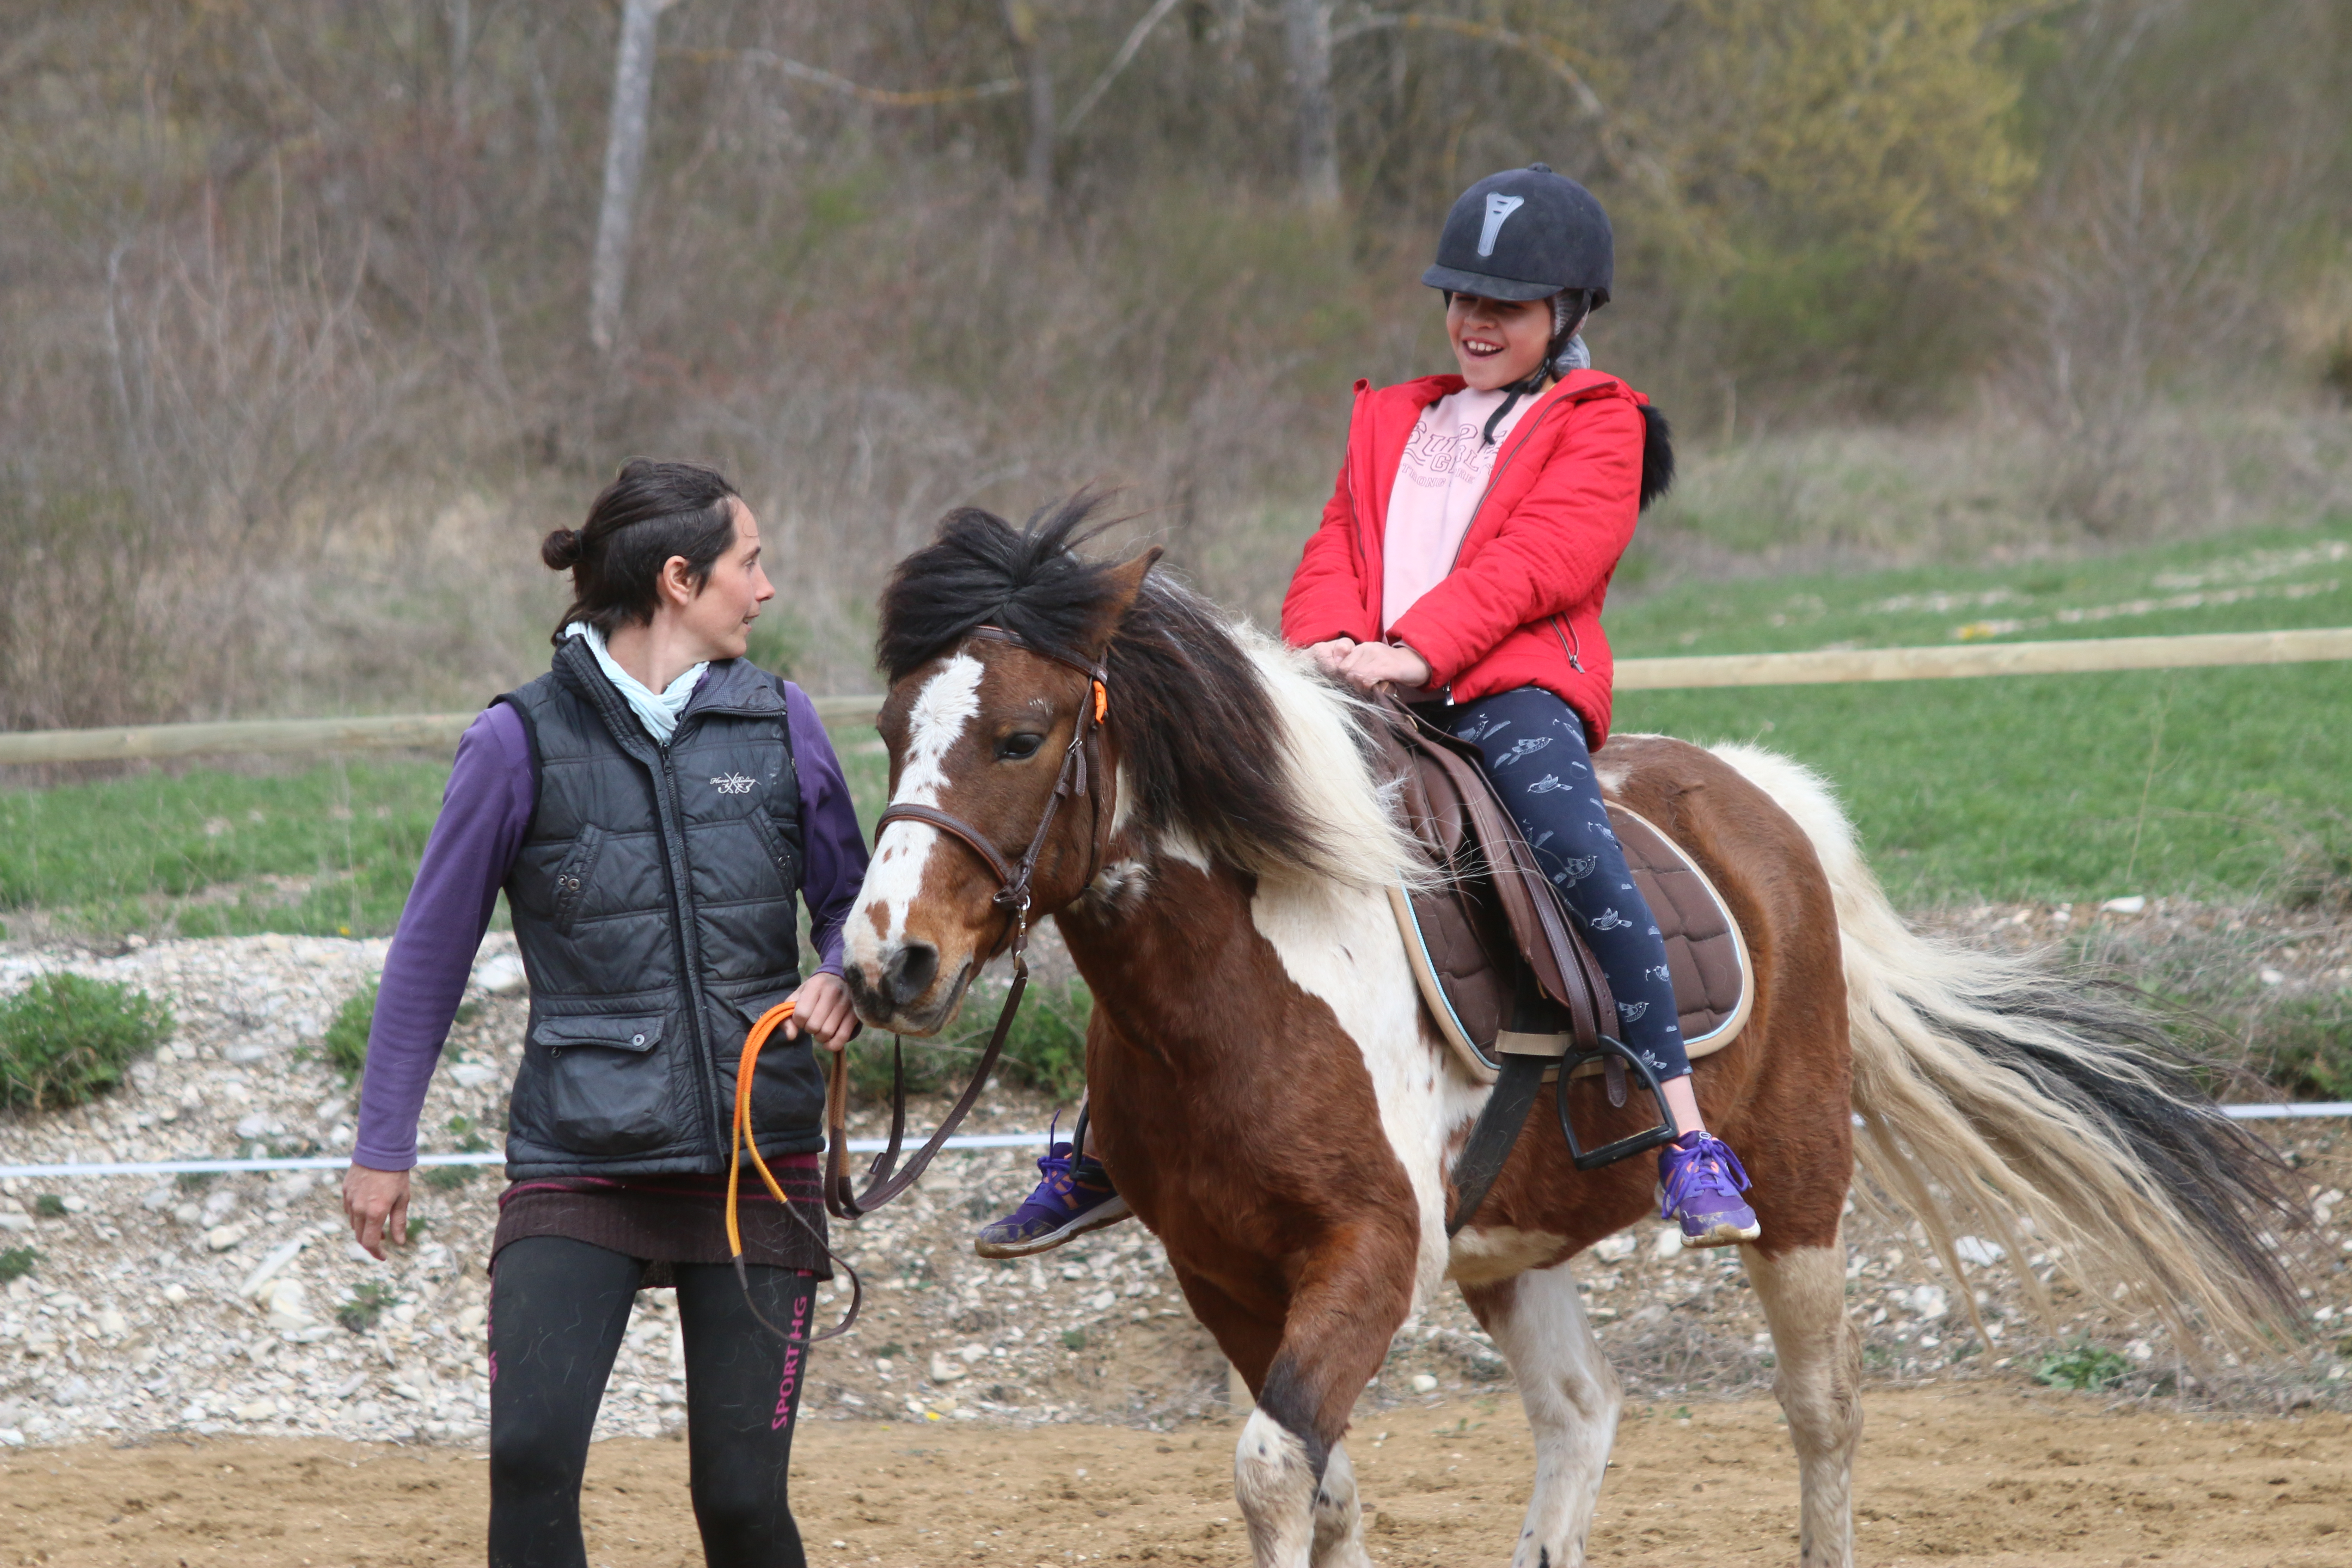 ados en colonie de vacances apprenant à monter à cheval